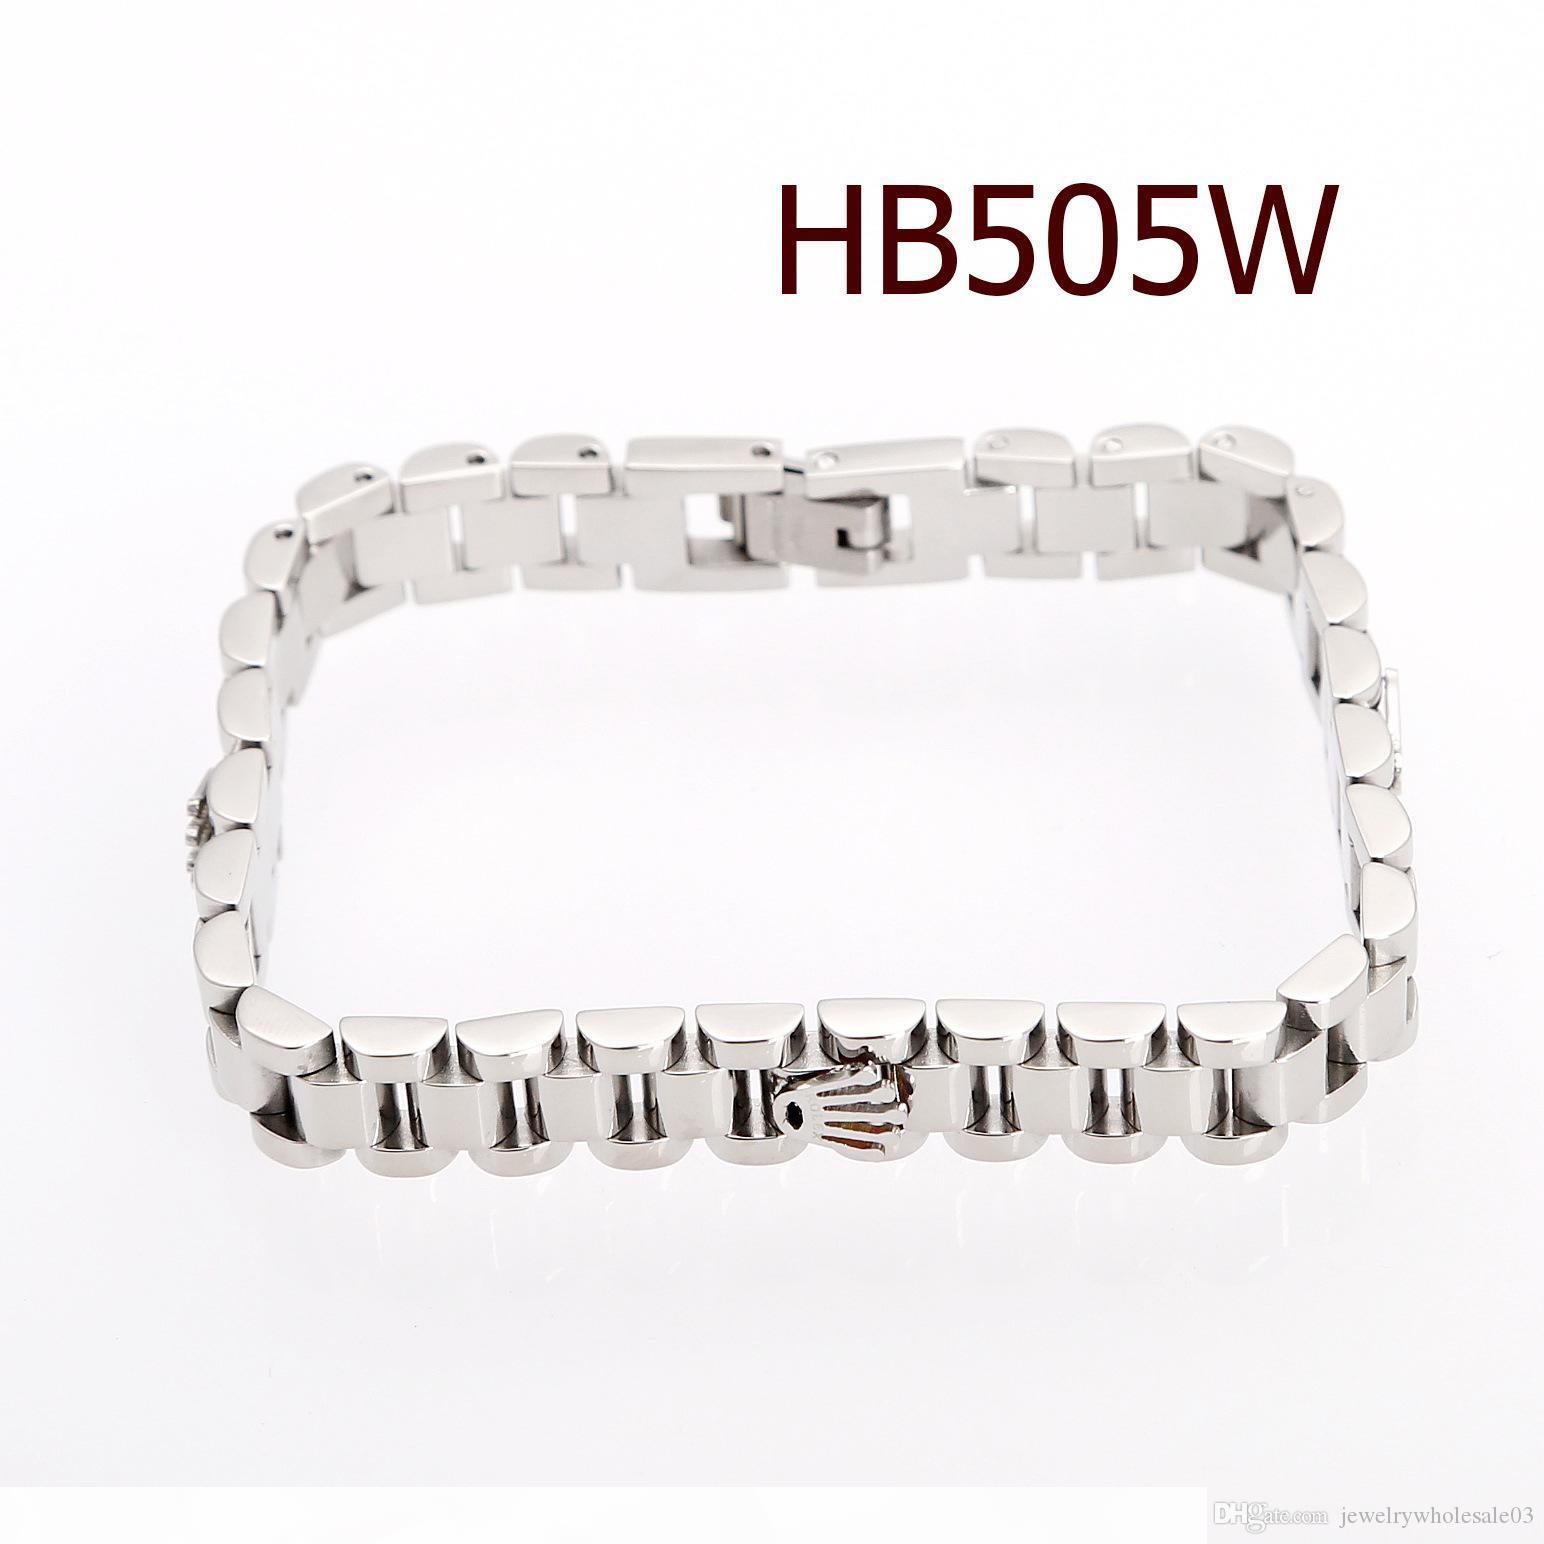 Alta qualidade da cadeia de aço inoxidável designer de bijuterias pulseira mulheres acessórios mens pulseiras de ouro pulseiras 2019